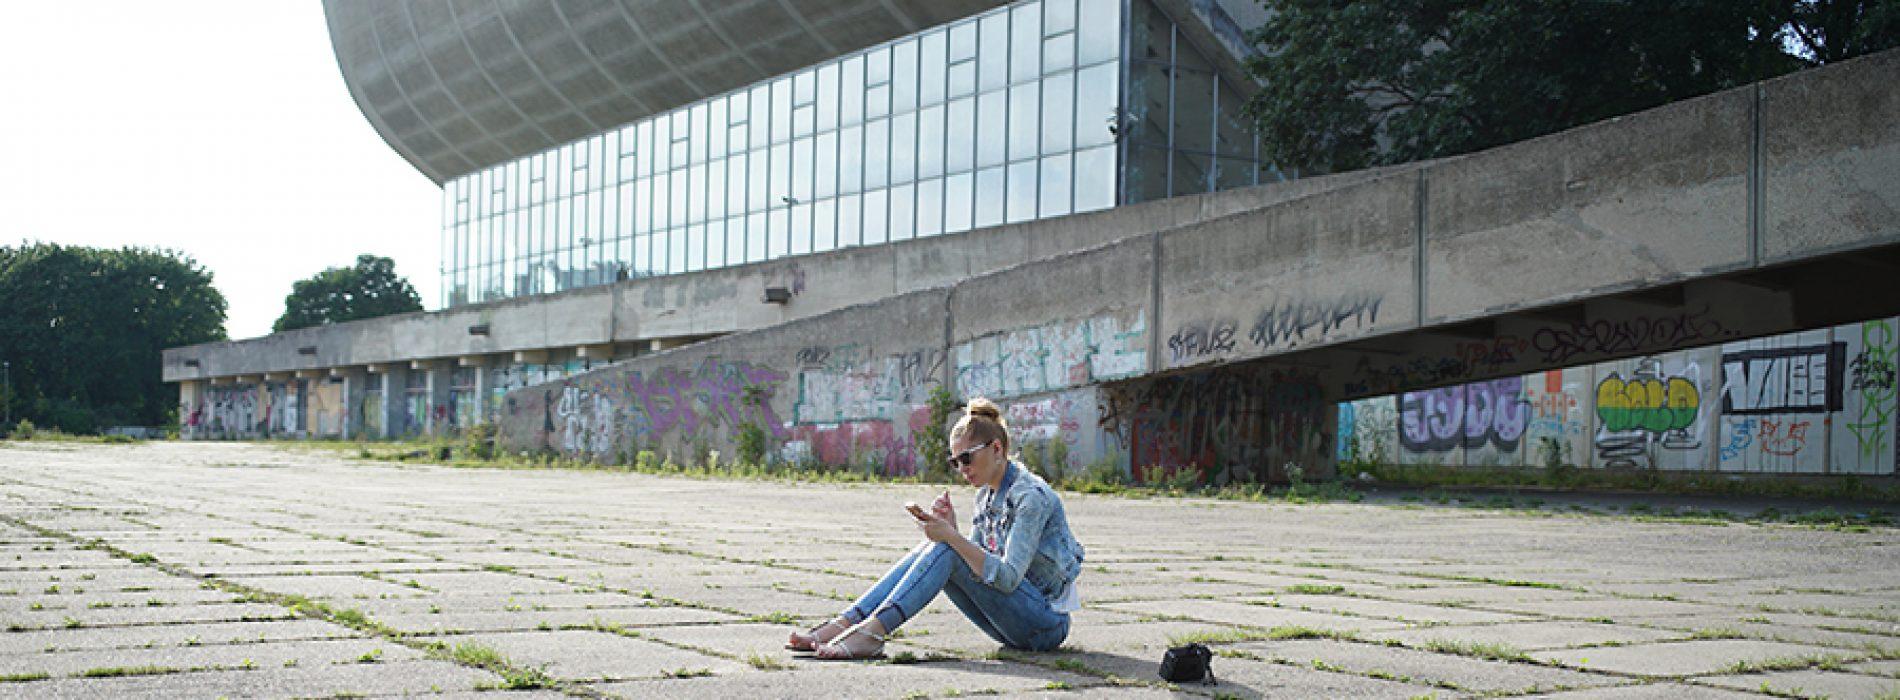 Kokie festivaliai Lietuvoje vyko 1995-tųjų vasarą?